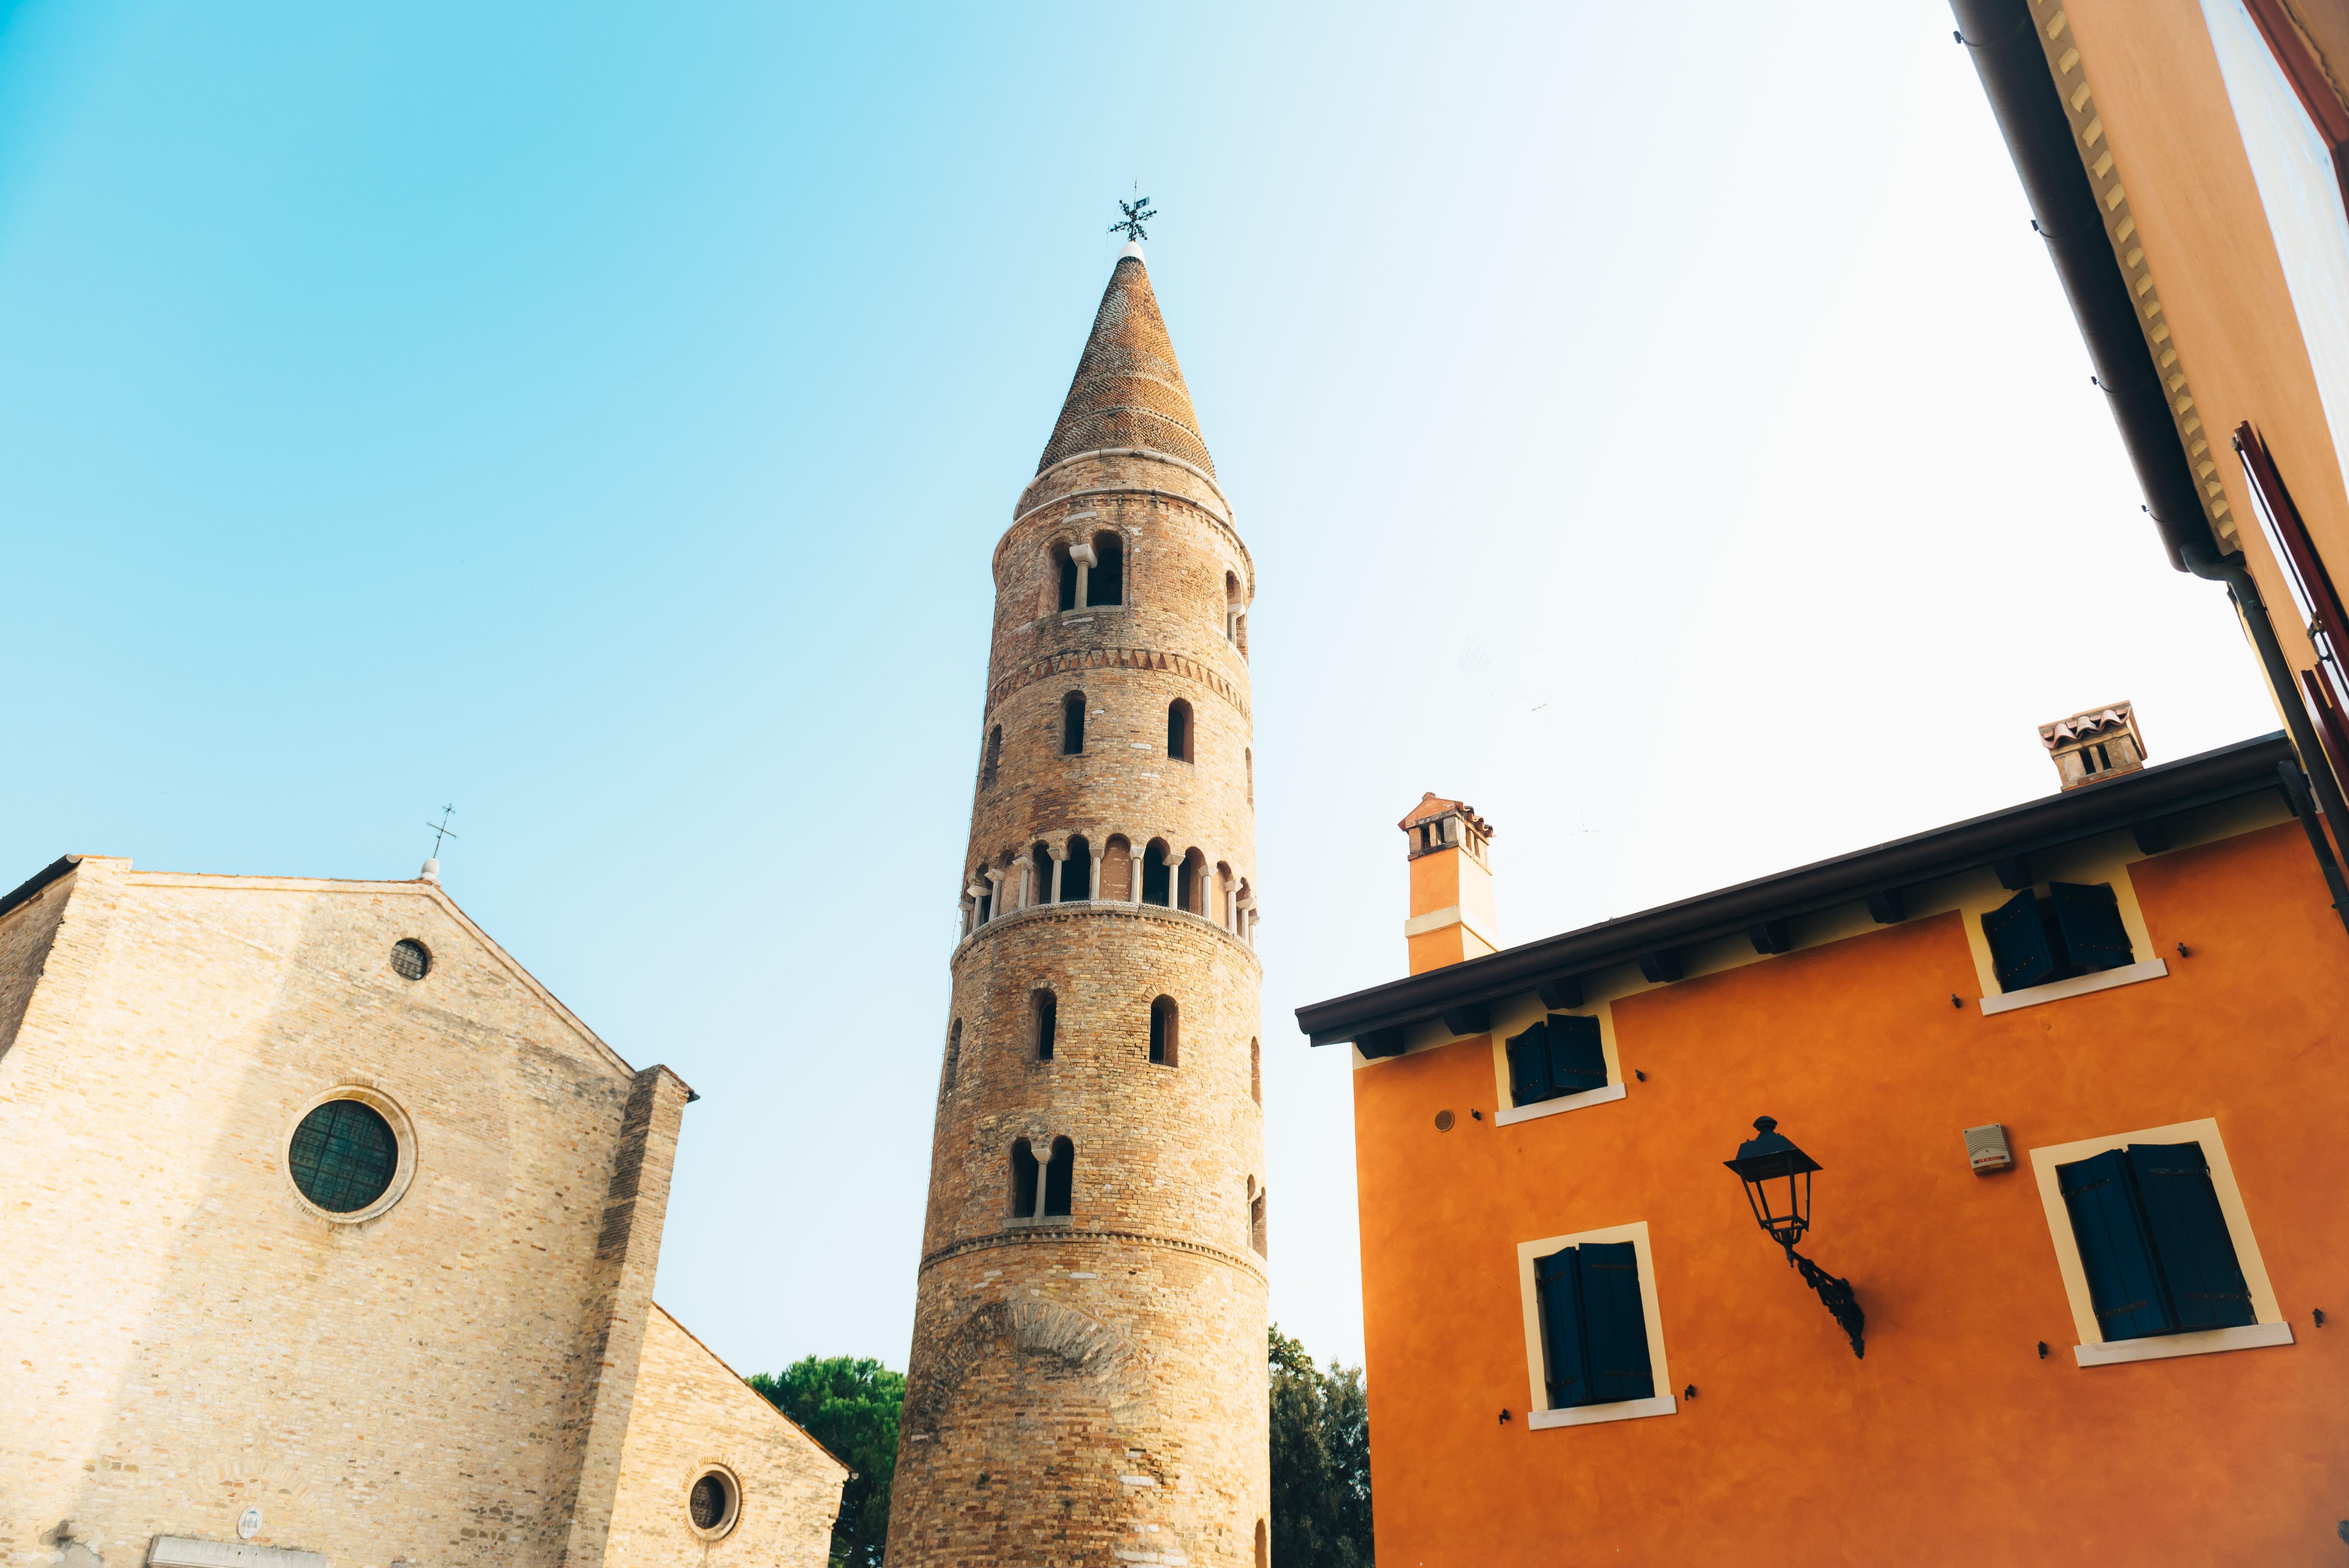 The Campanile of the Duomo di Santo Stefano, Caorle